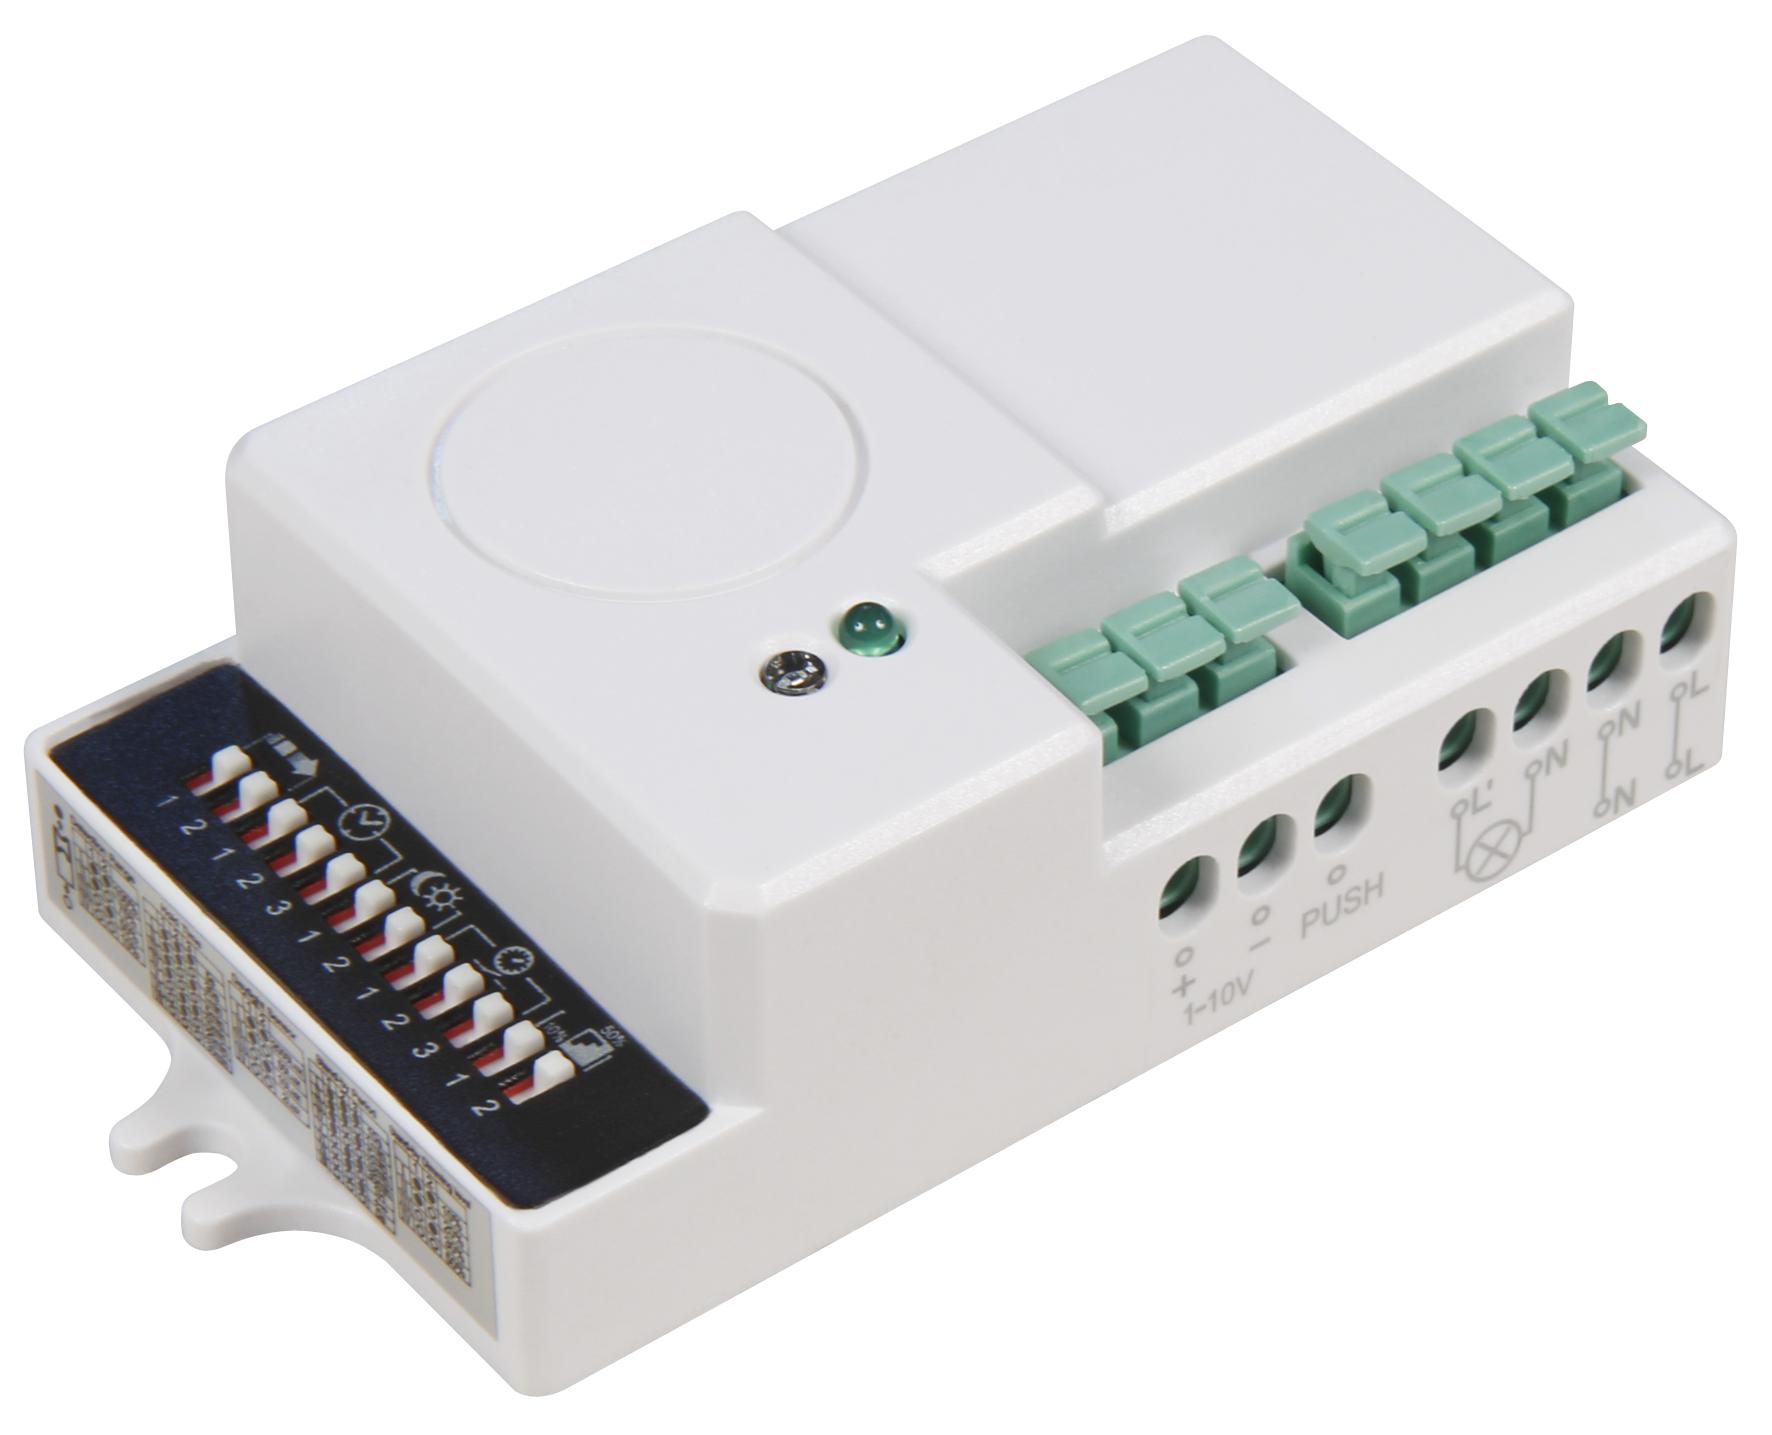 HF / Mikrowellen Bewegungsmelder McShine 360° ''LX-670'', 230V/600W, dimmbar